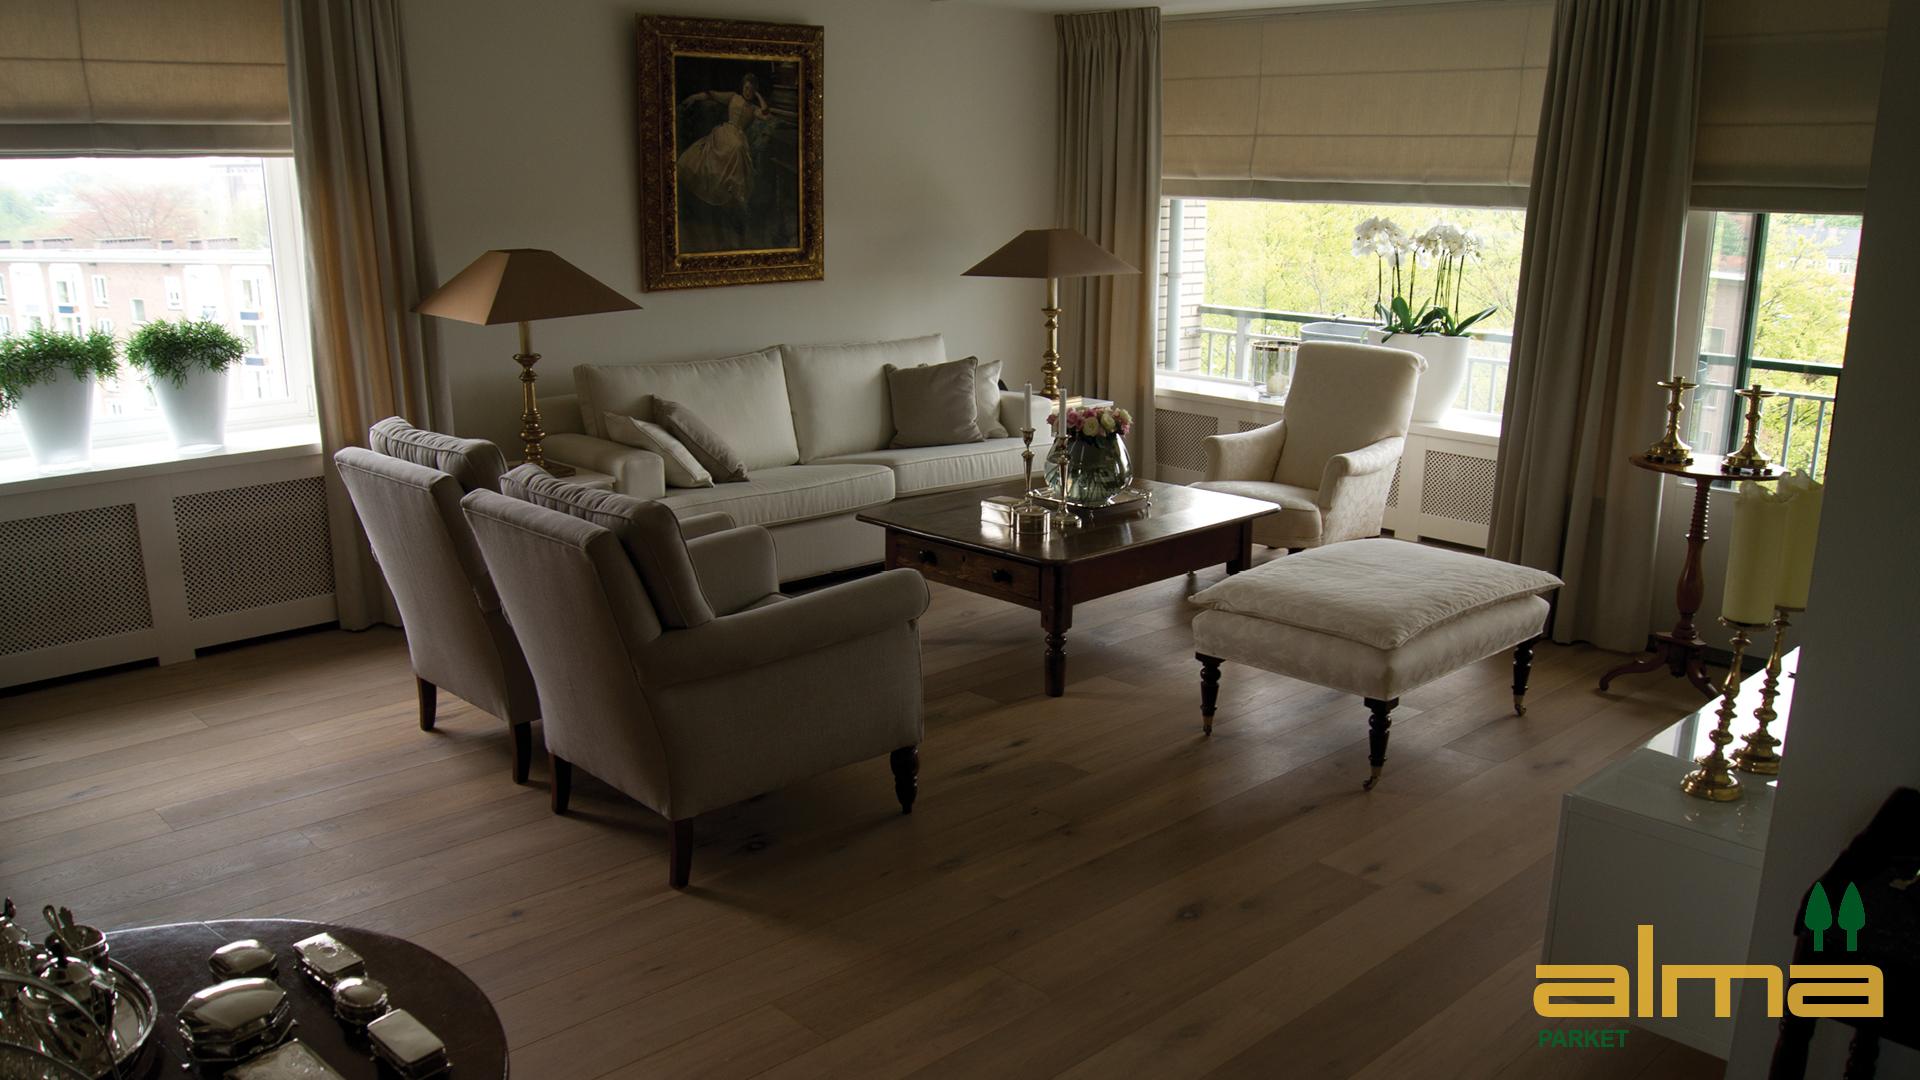 planken oosterhout eiken rustiek natuur multiplank wit tapis